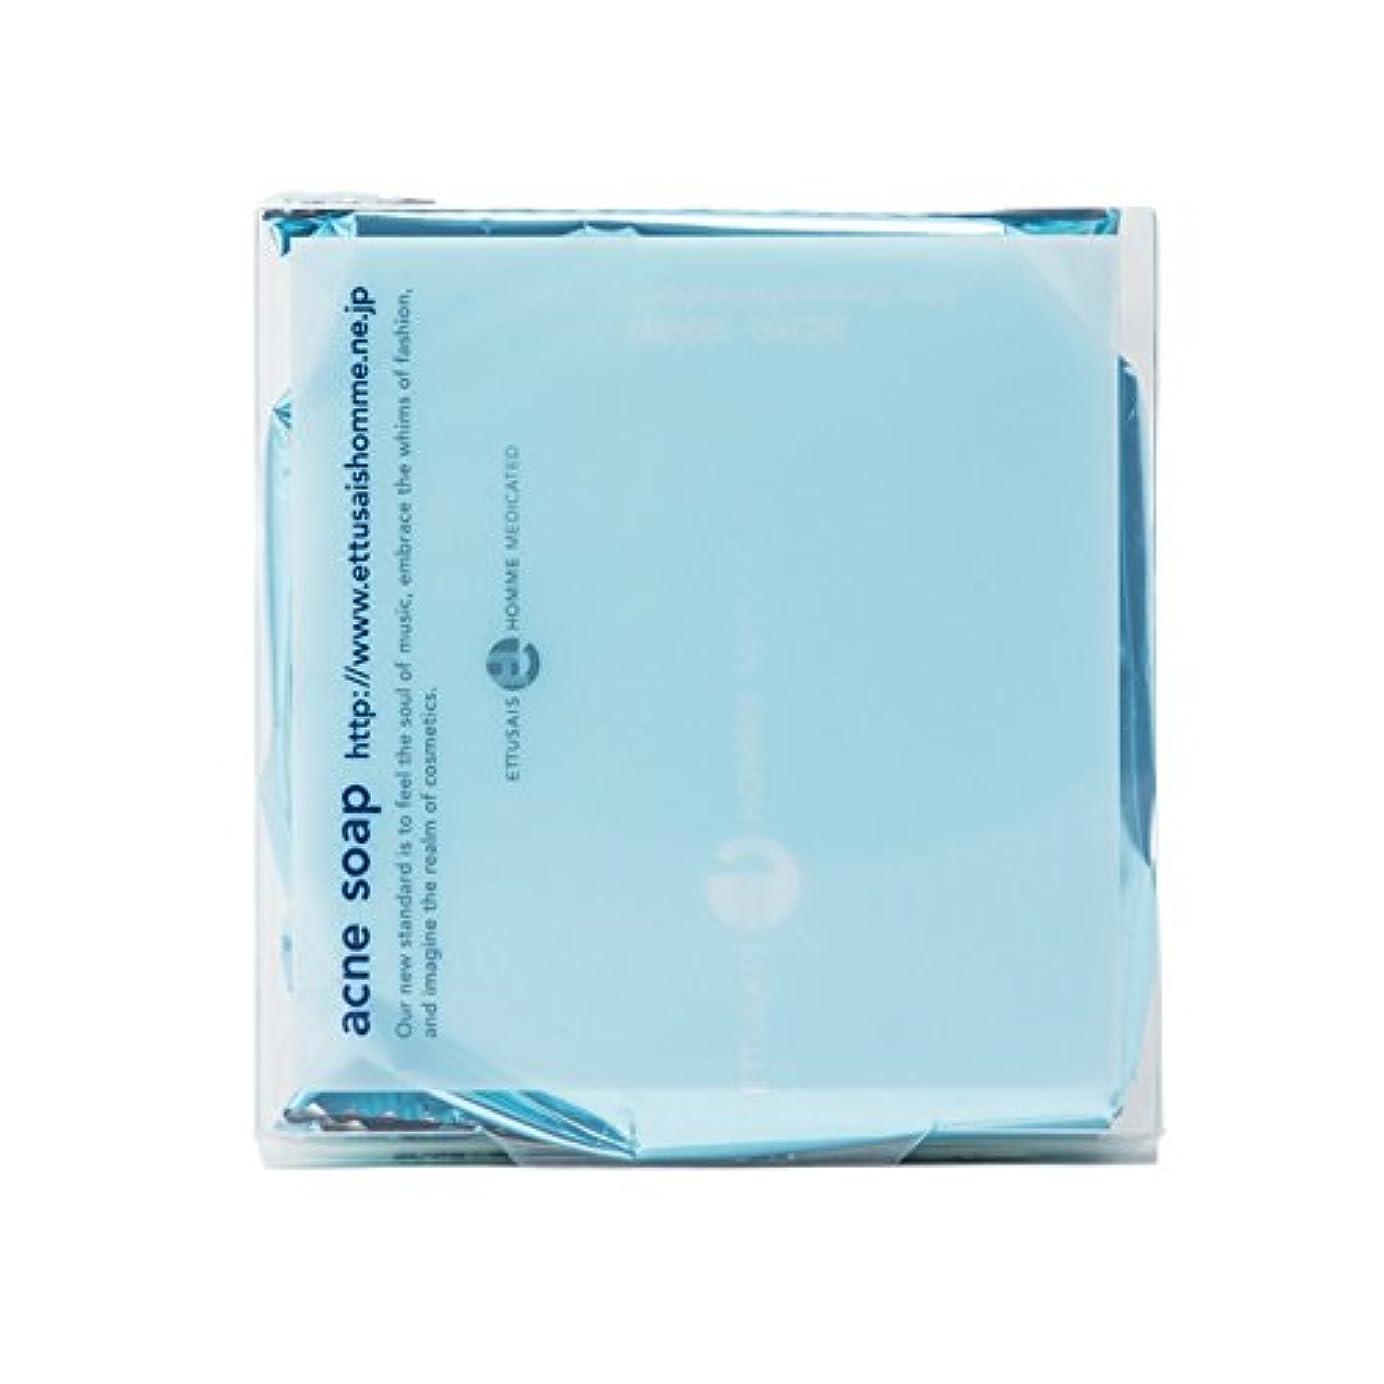 ロビー間違い赤外線[医薬部外品] エテュセ オム 薬用アクネ ソープ 薬用石けん 100g